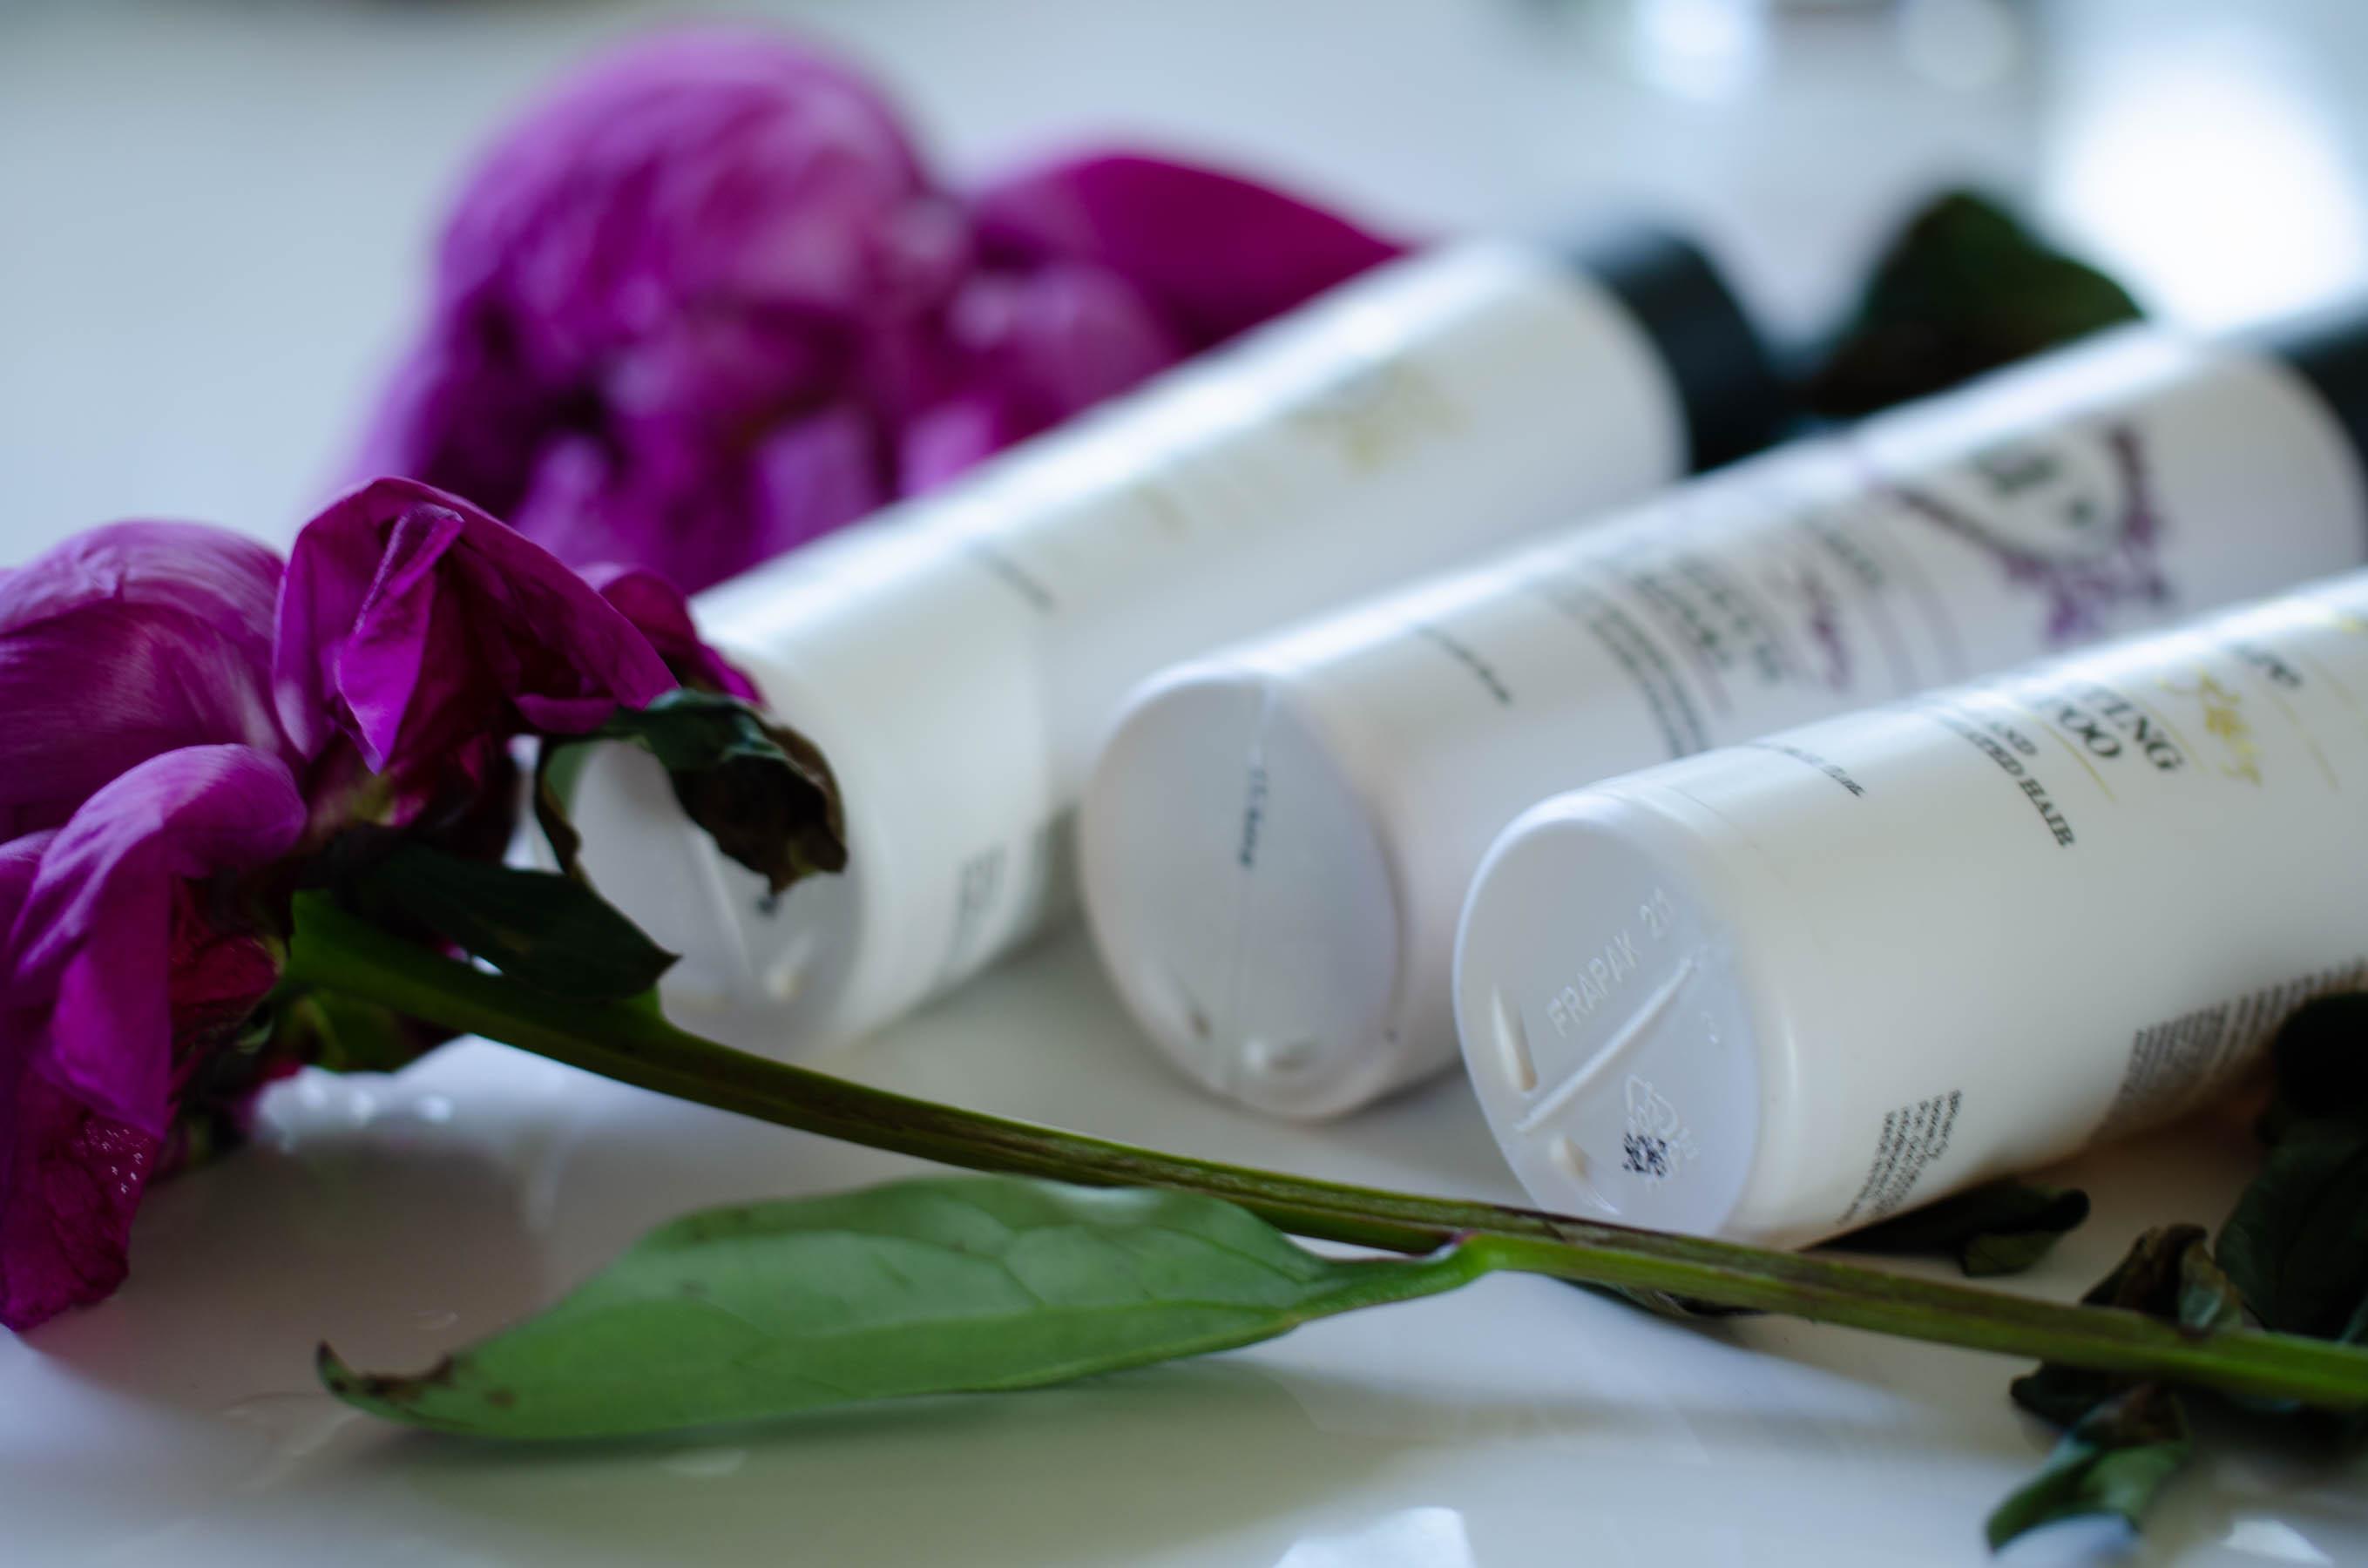 BPhair-tuotteilla pehmeät hiukset